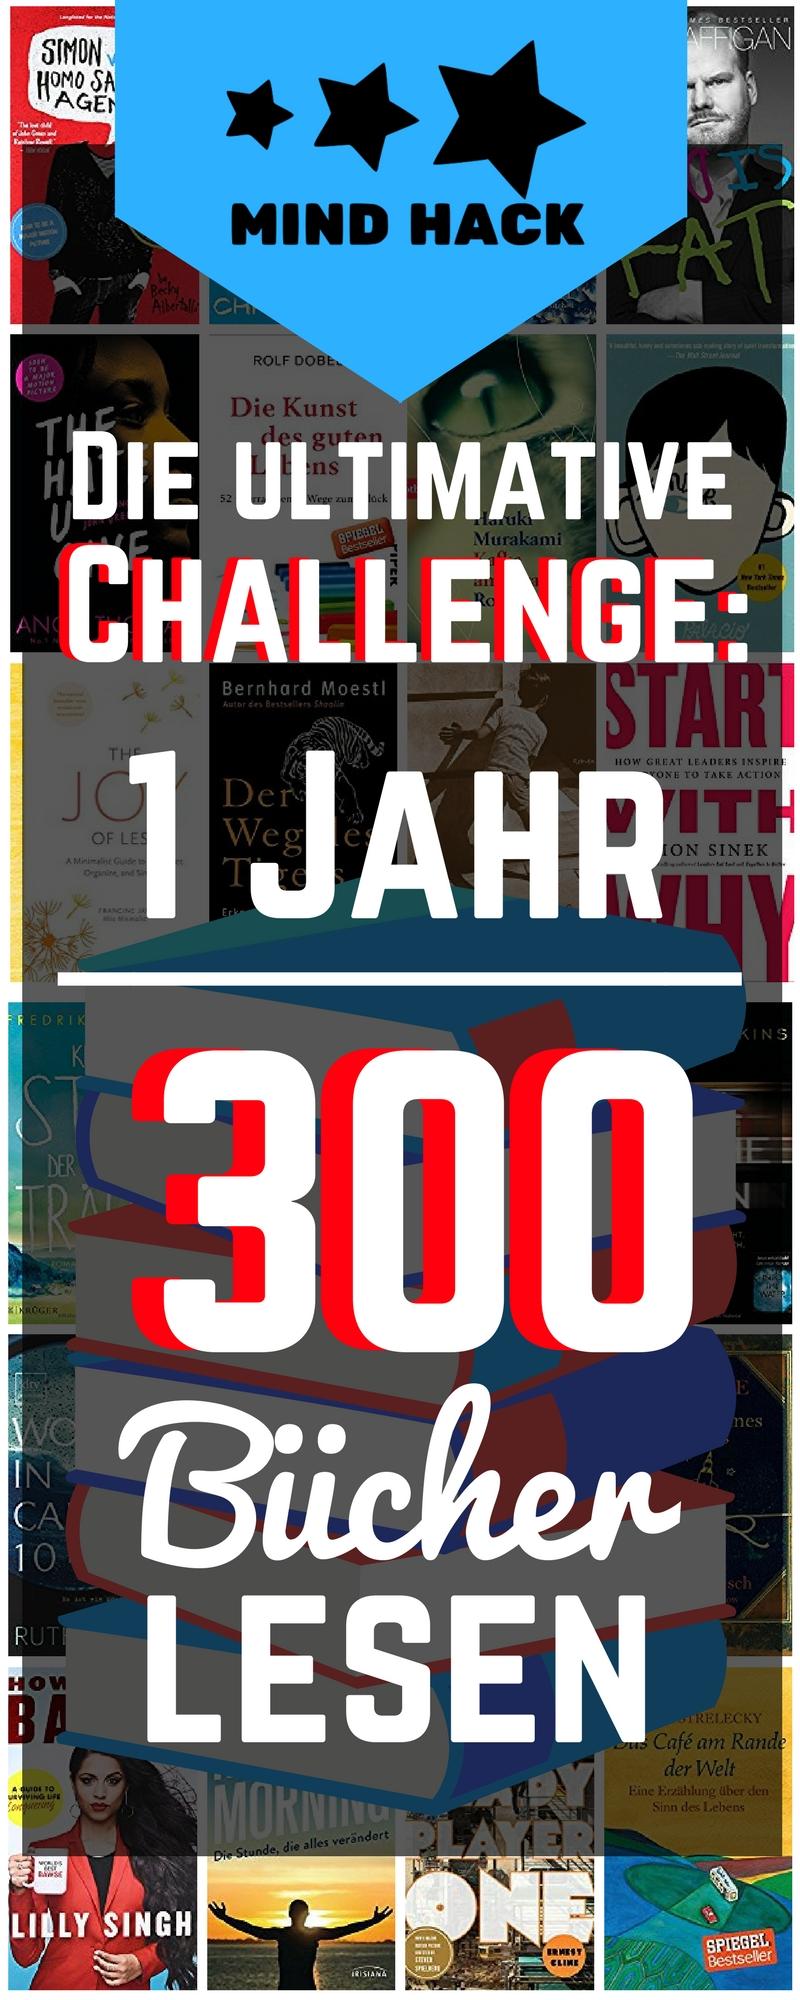 Die ultimative Lese Challenge - 1 Jahr - 300 Bücher lesen - Buch Challenge 2018 - Mind Hack - Bücherwurm - Massive Reading